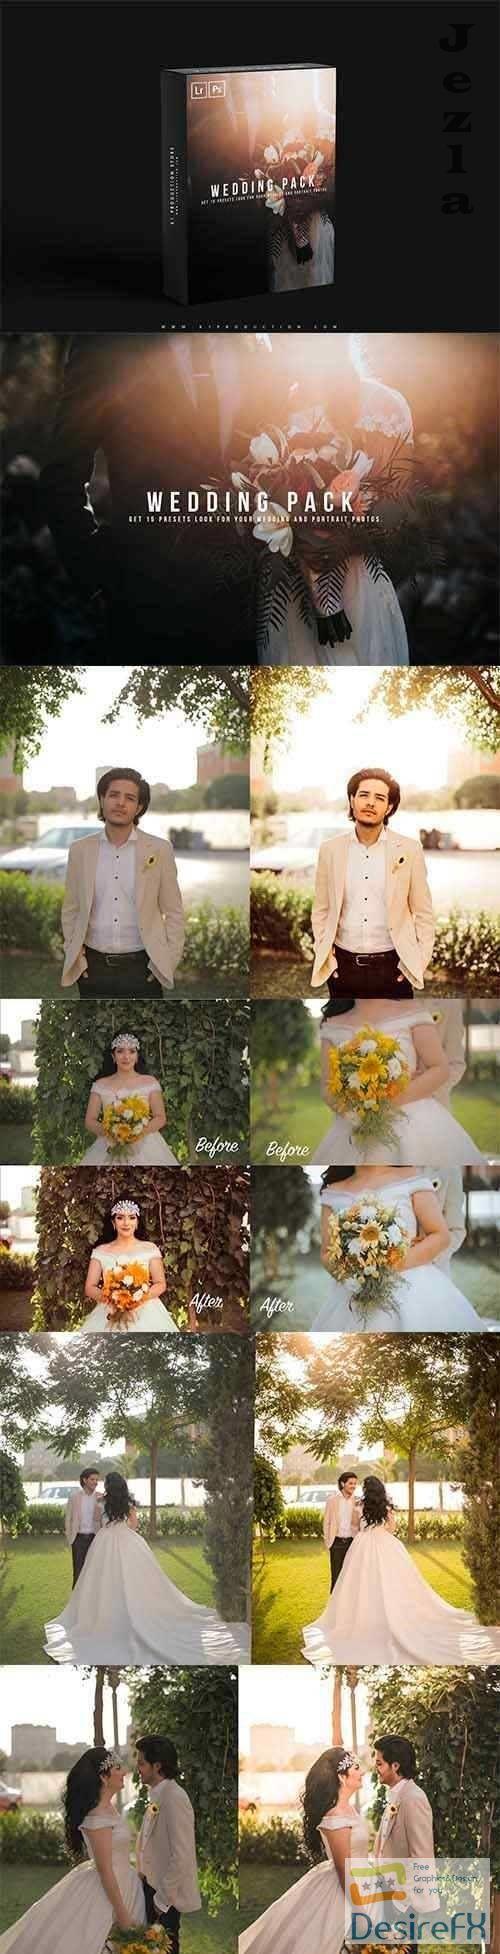 Wedding Lightroom Presets Pack - 4803526